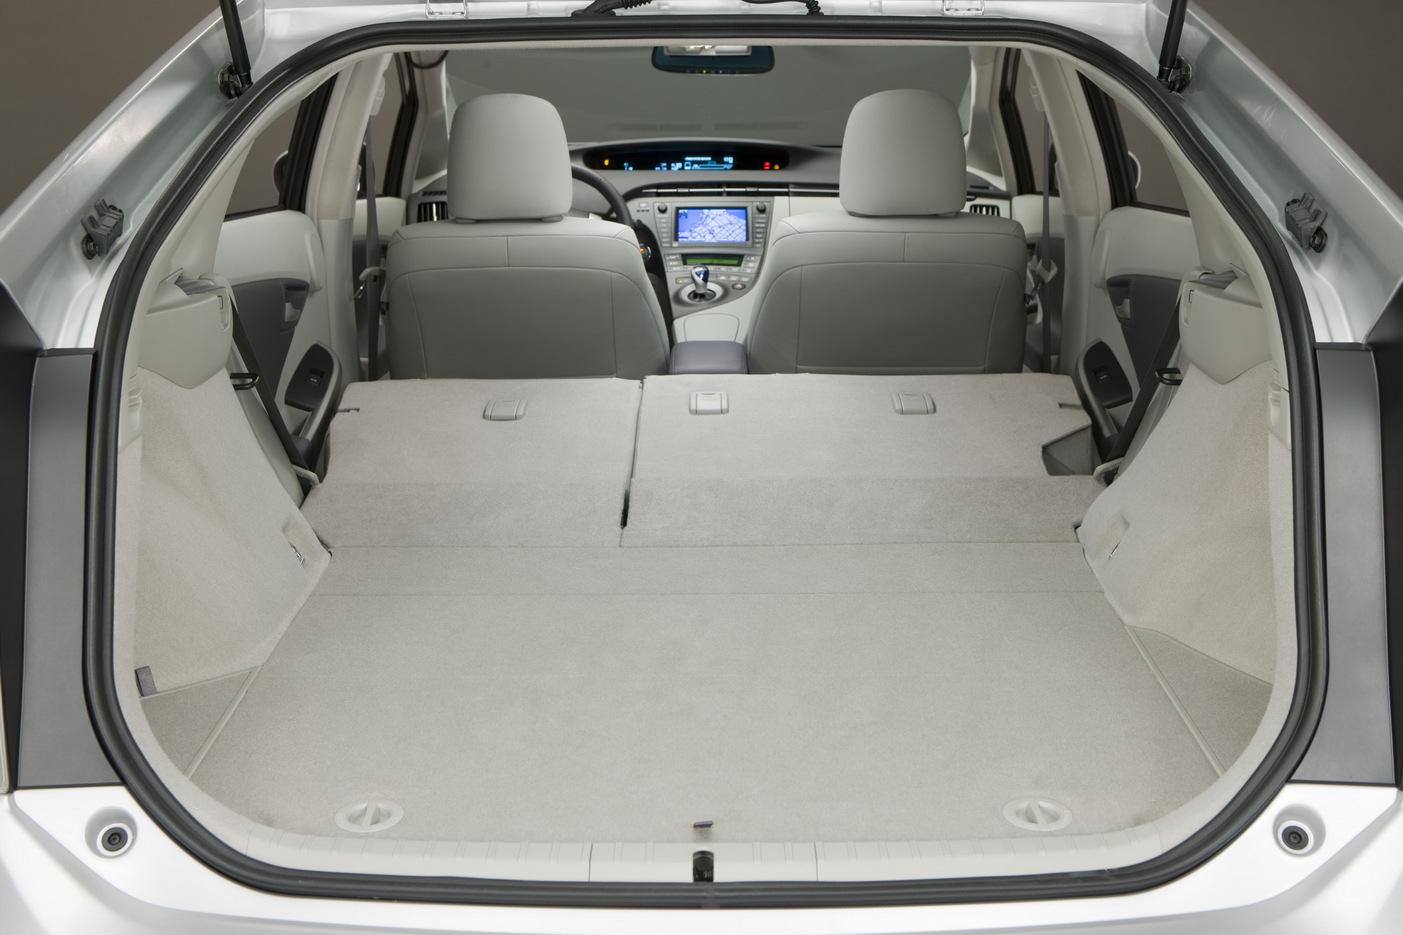 Toyota Prius Interior Boot/Trunk